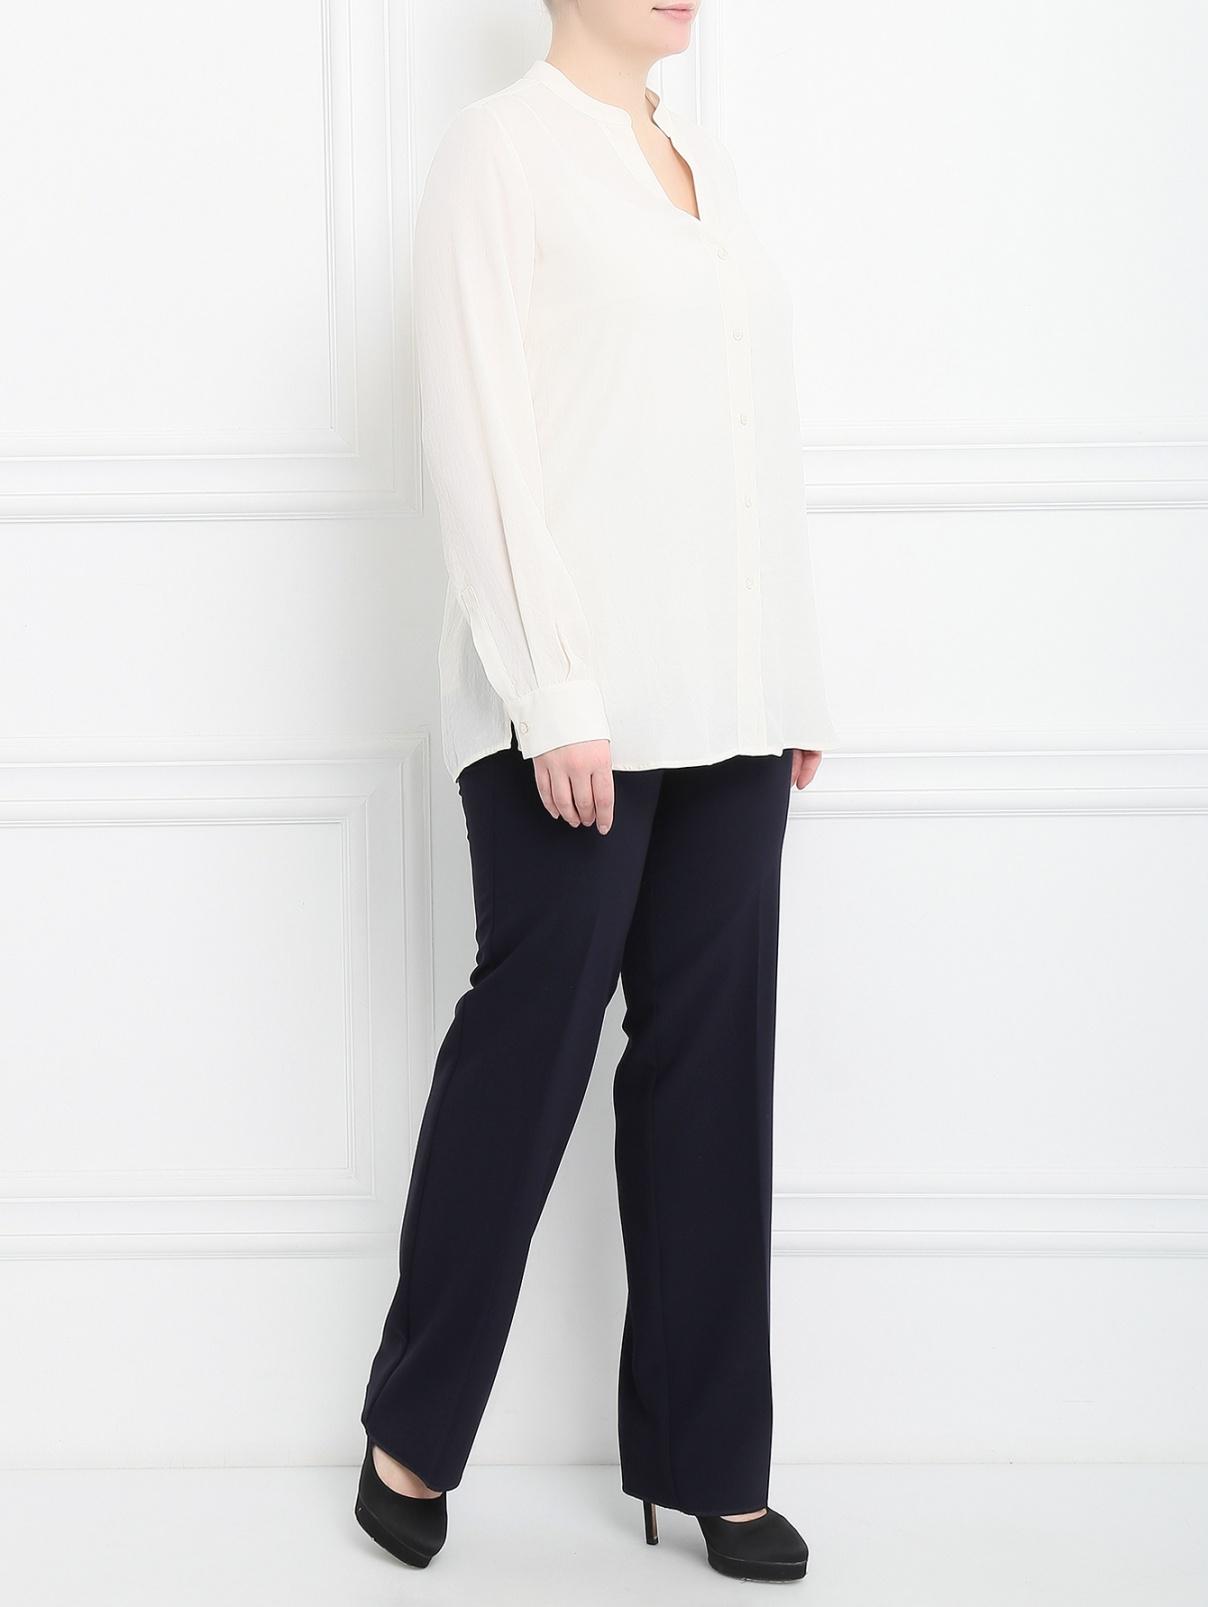 Блуза свободного кроя Marina Sport  –  Модель Общий вид  – Цвет:  Белый